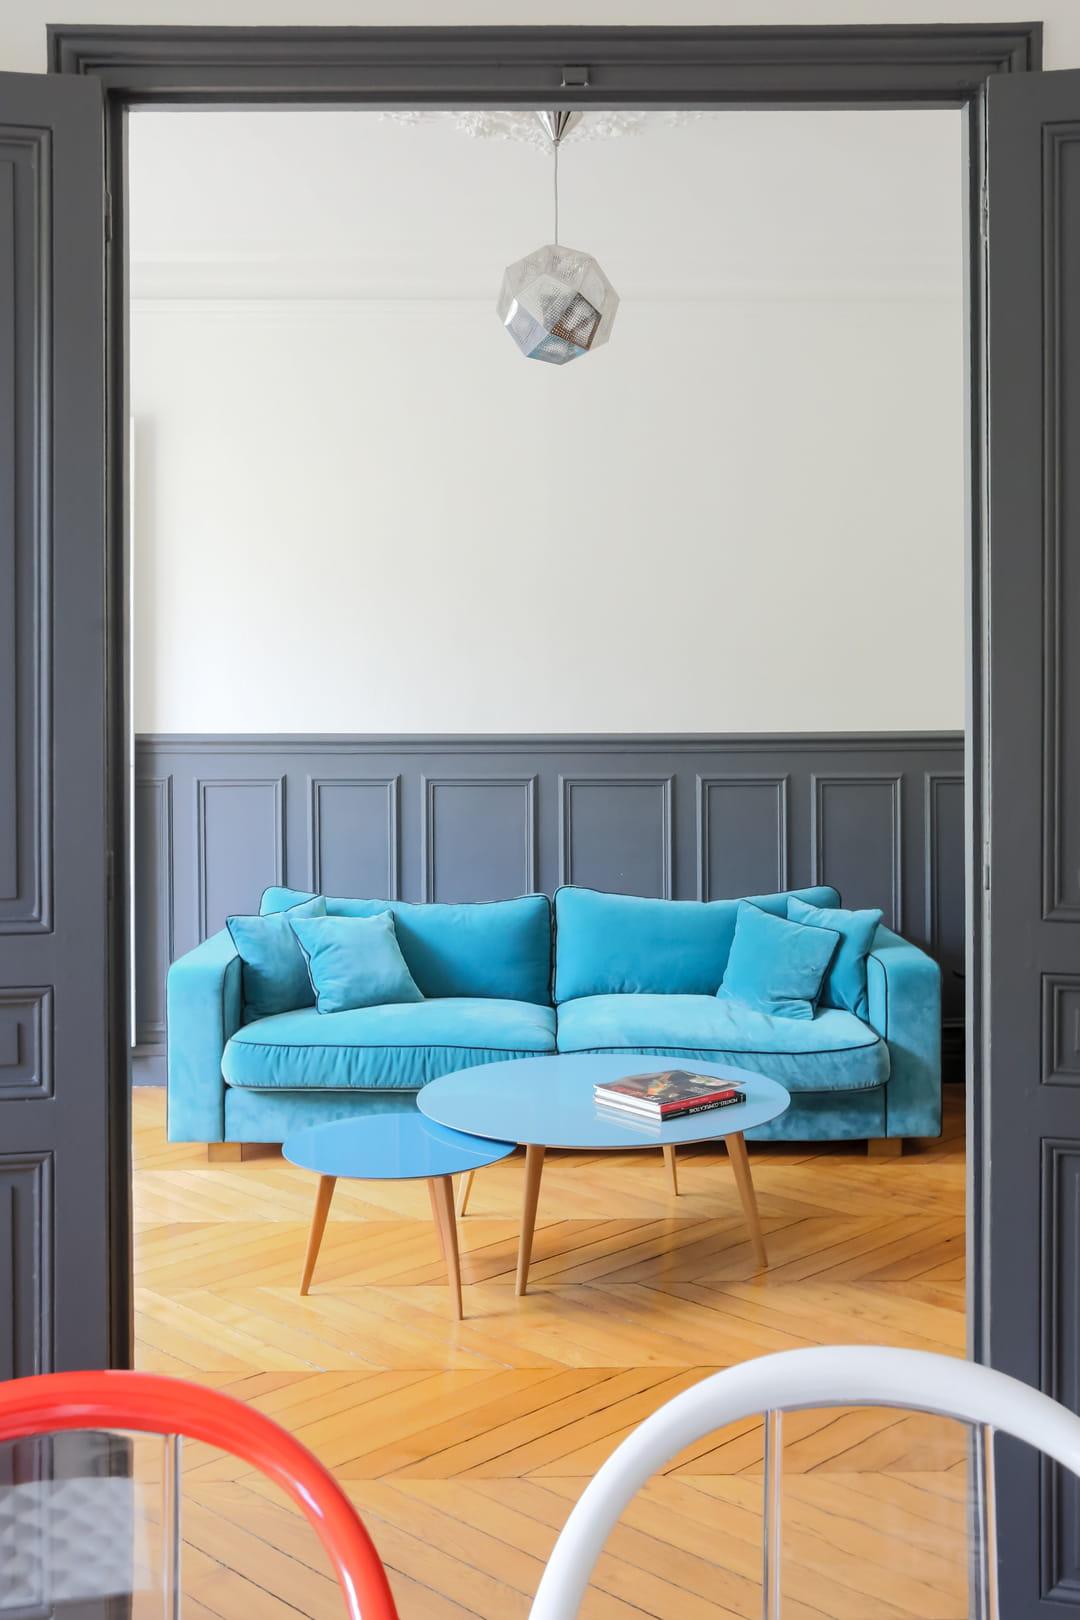 canape-bleu-turquoise-et-boiseries-grises